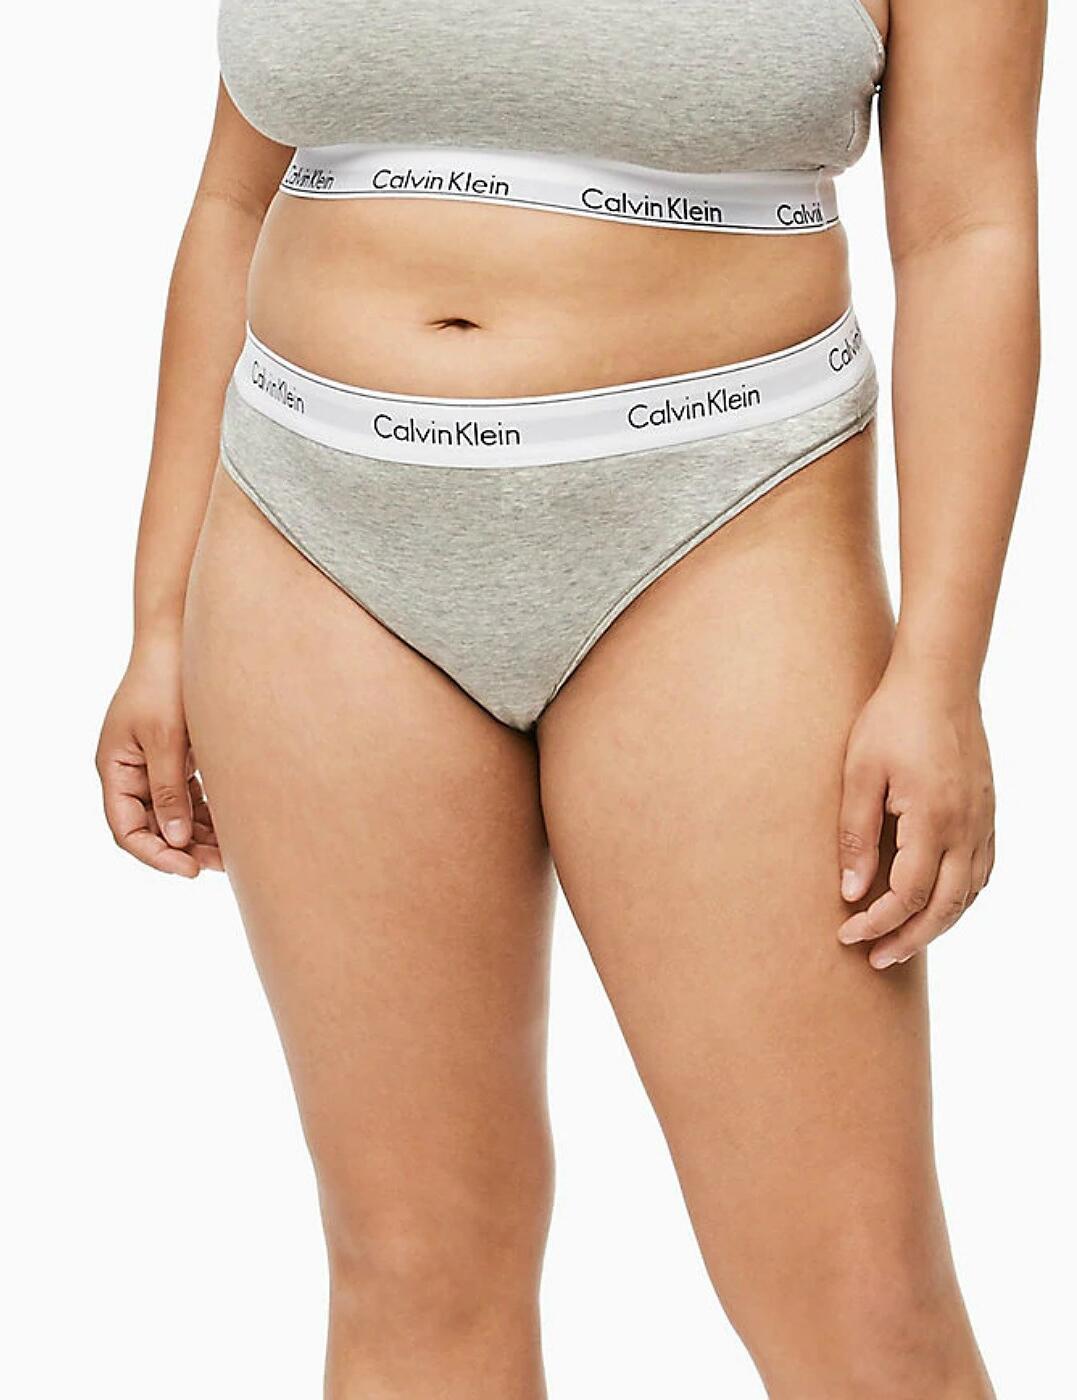 QF5117E Calvin Klein Modern Cotton Plus Thong Brief - QF5117E Grey Heather